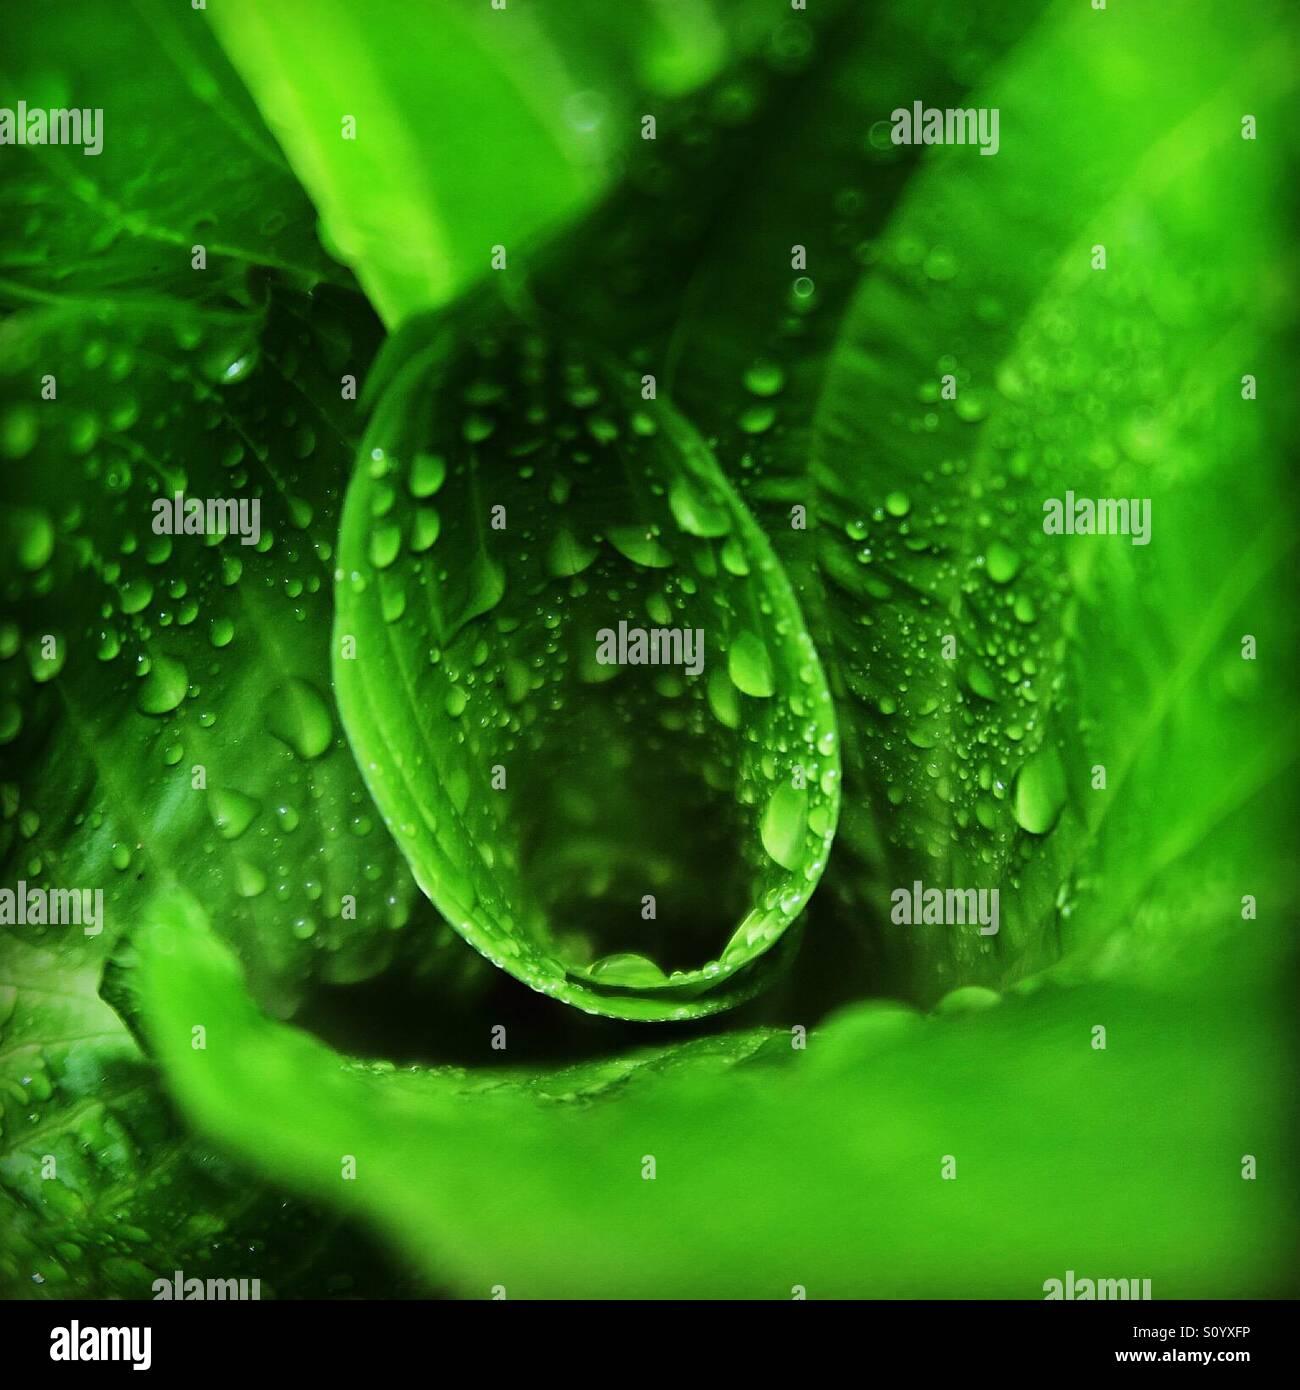 Planta verde con gotas de lluvia Imagen De Stock